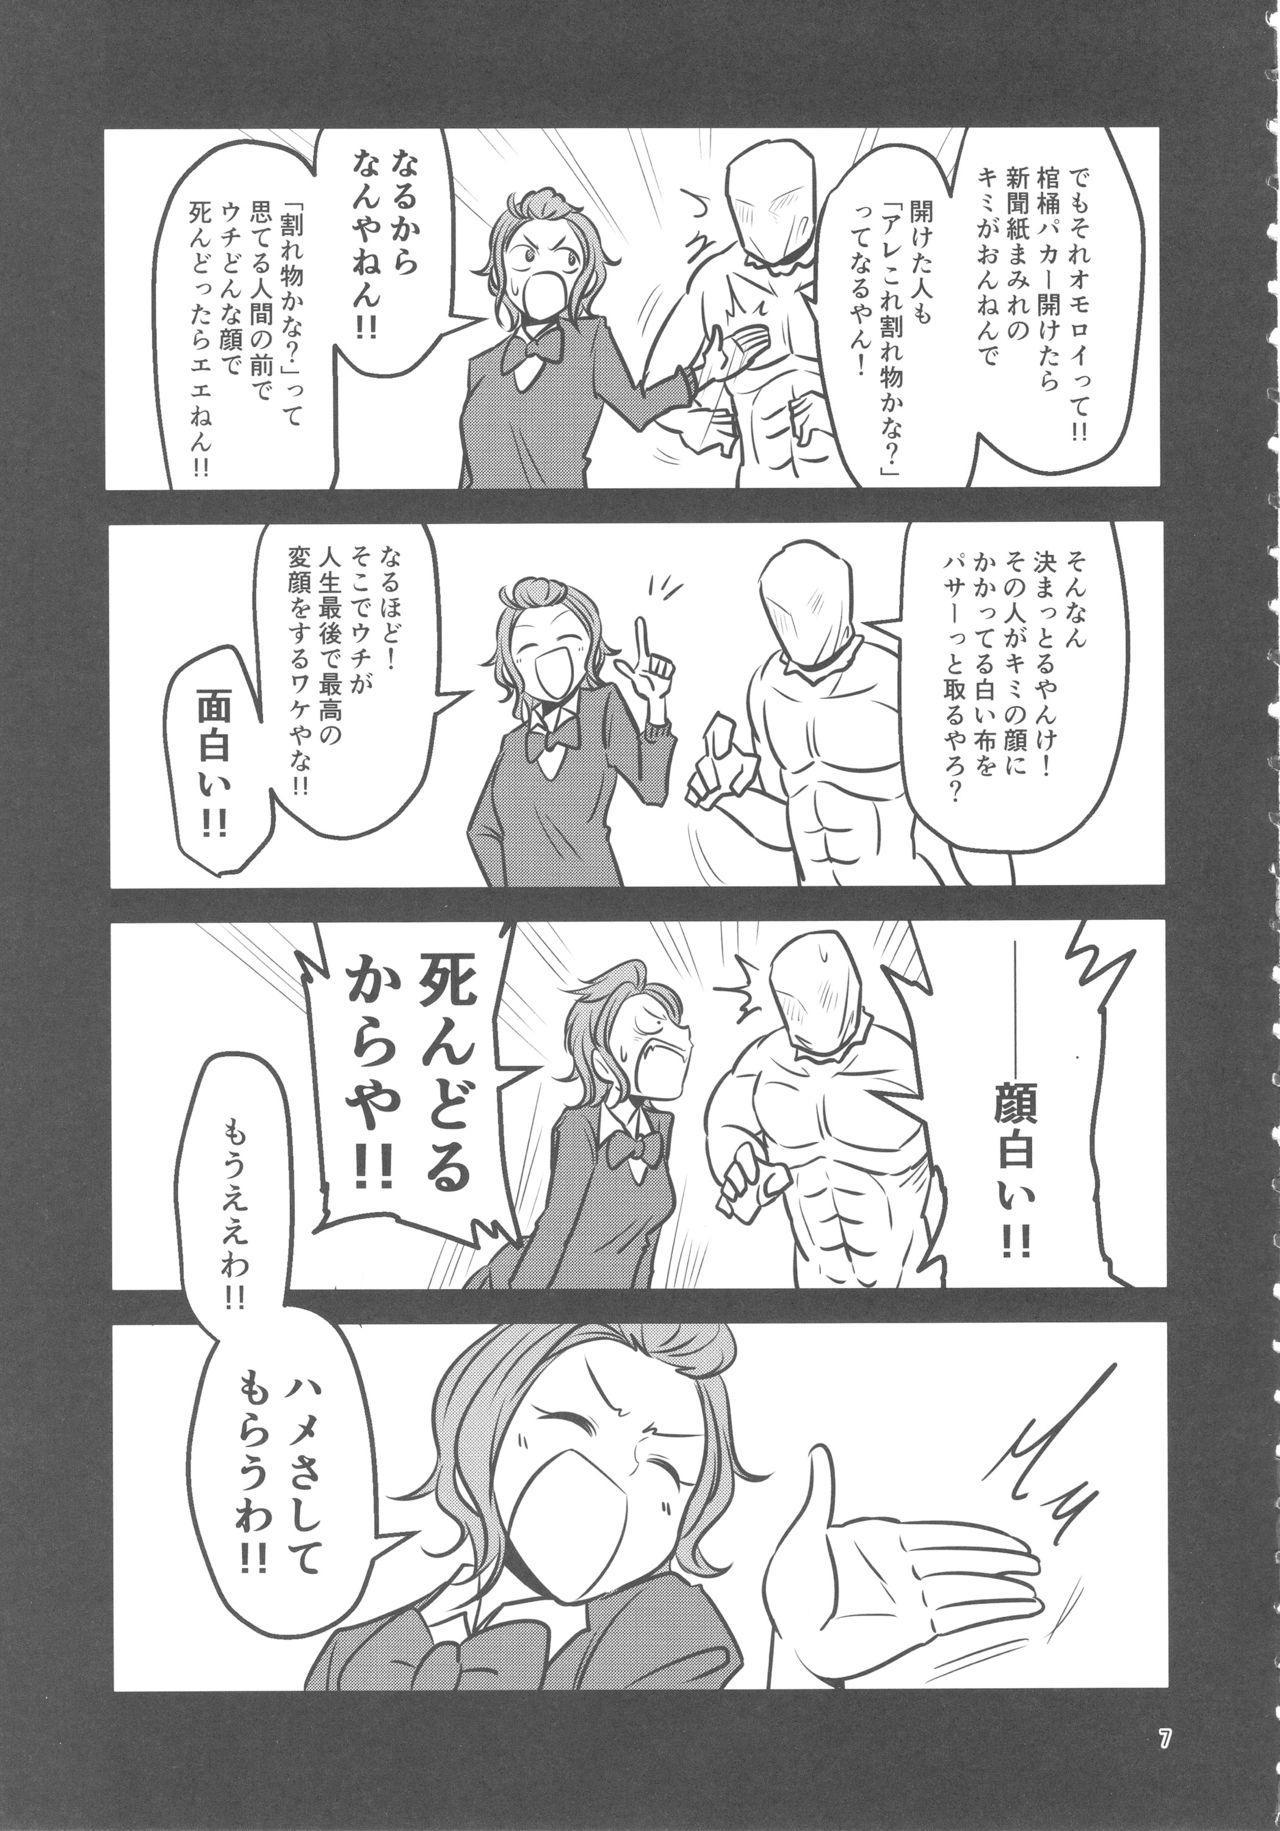 Mou Eewa! Hame Sashite Morauwa! 5